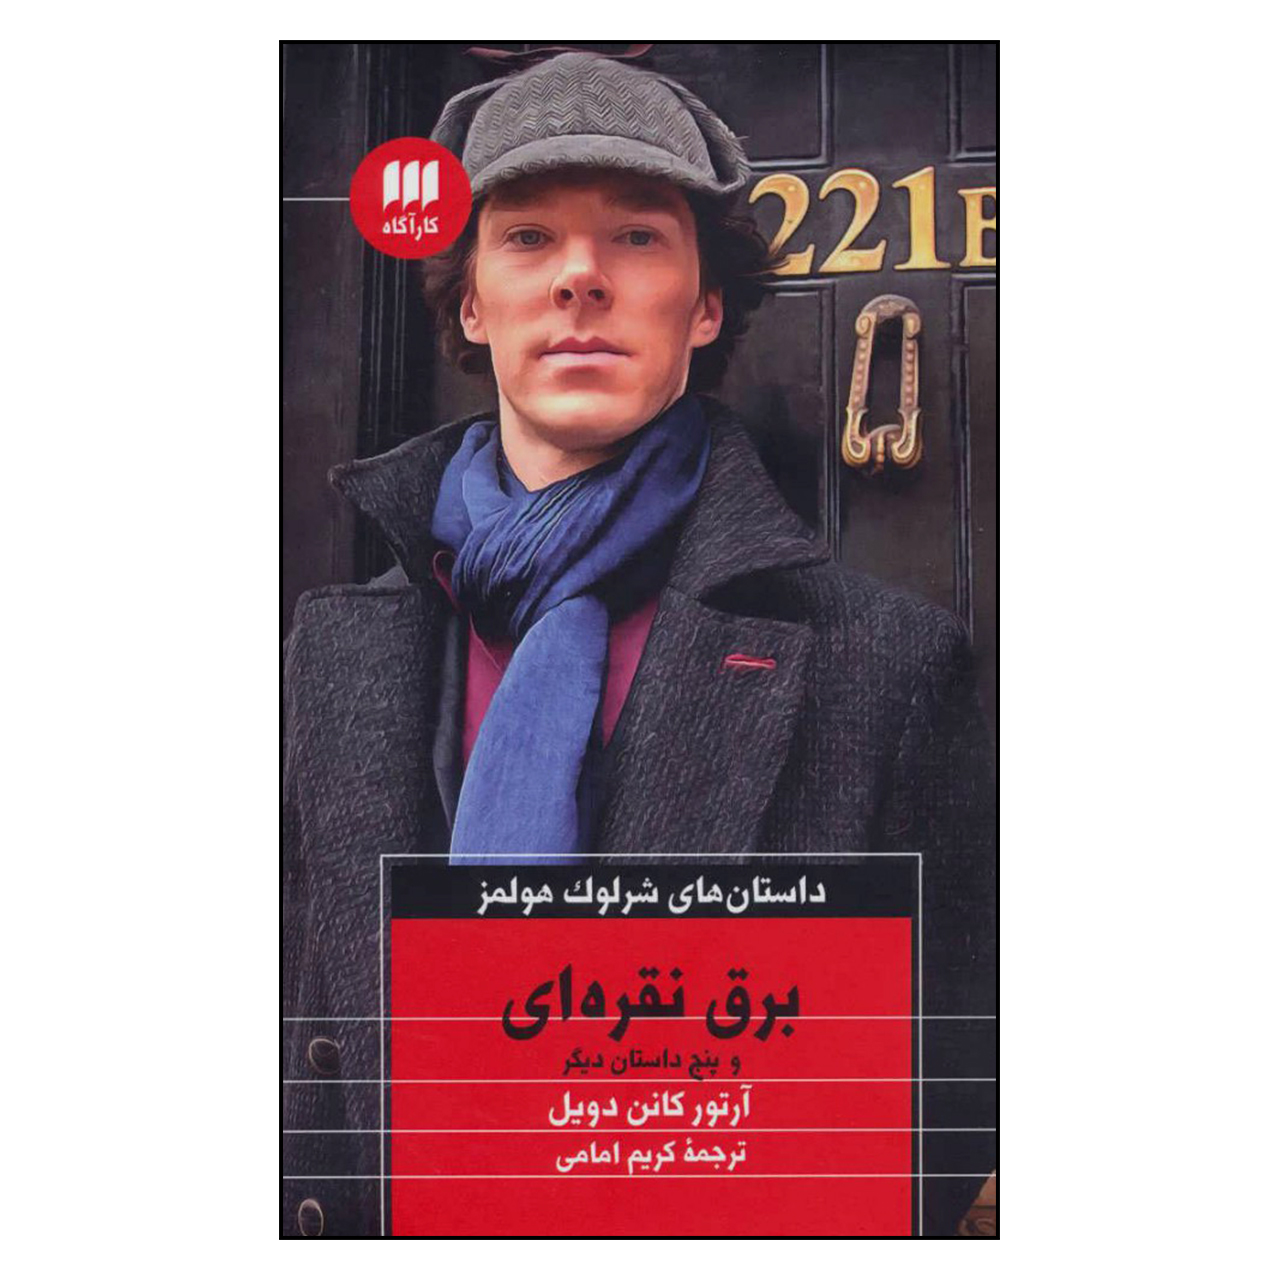 کتاب برق نقره ای و پنج داستان دیگر داستان های شرلوک هولمز اثر آرتور کانن دویل انتشارات هرمس